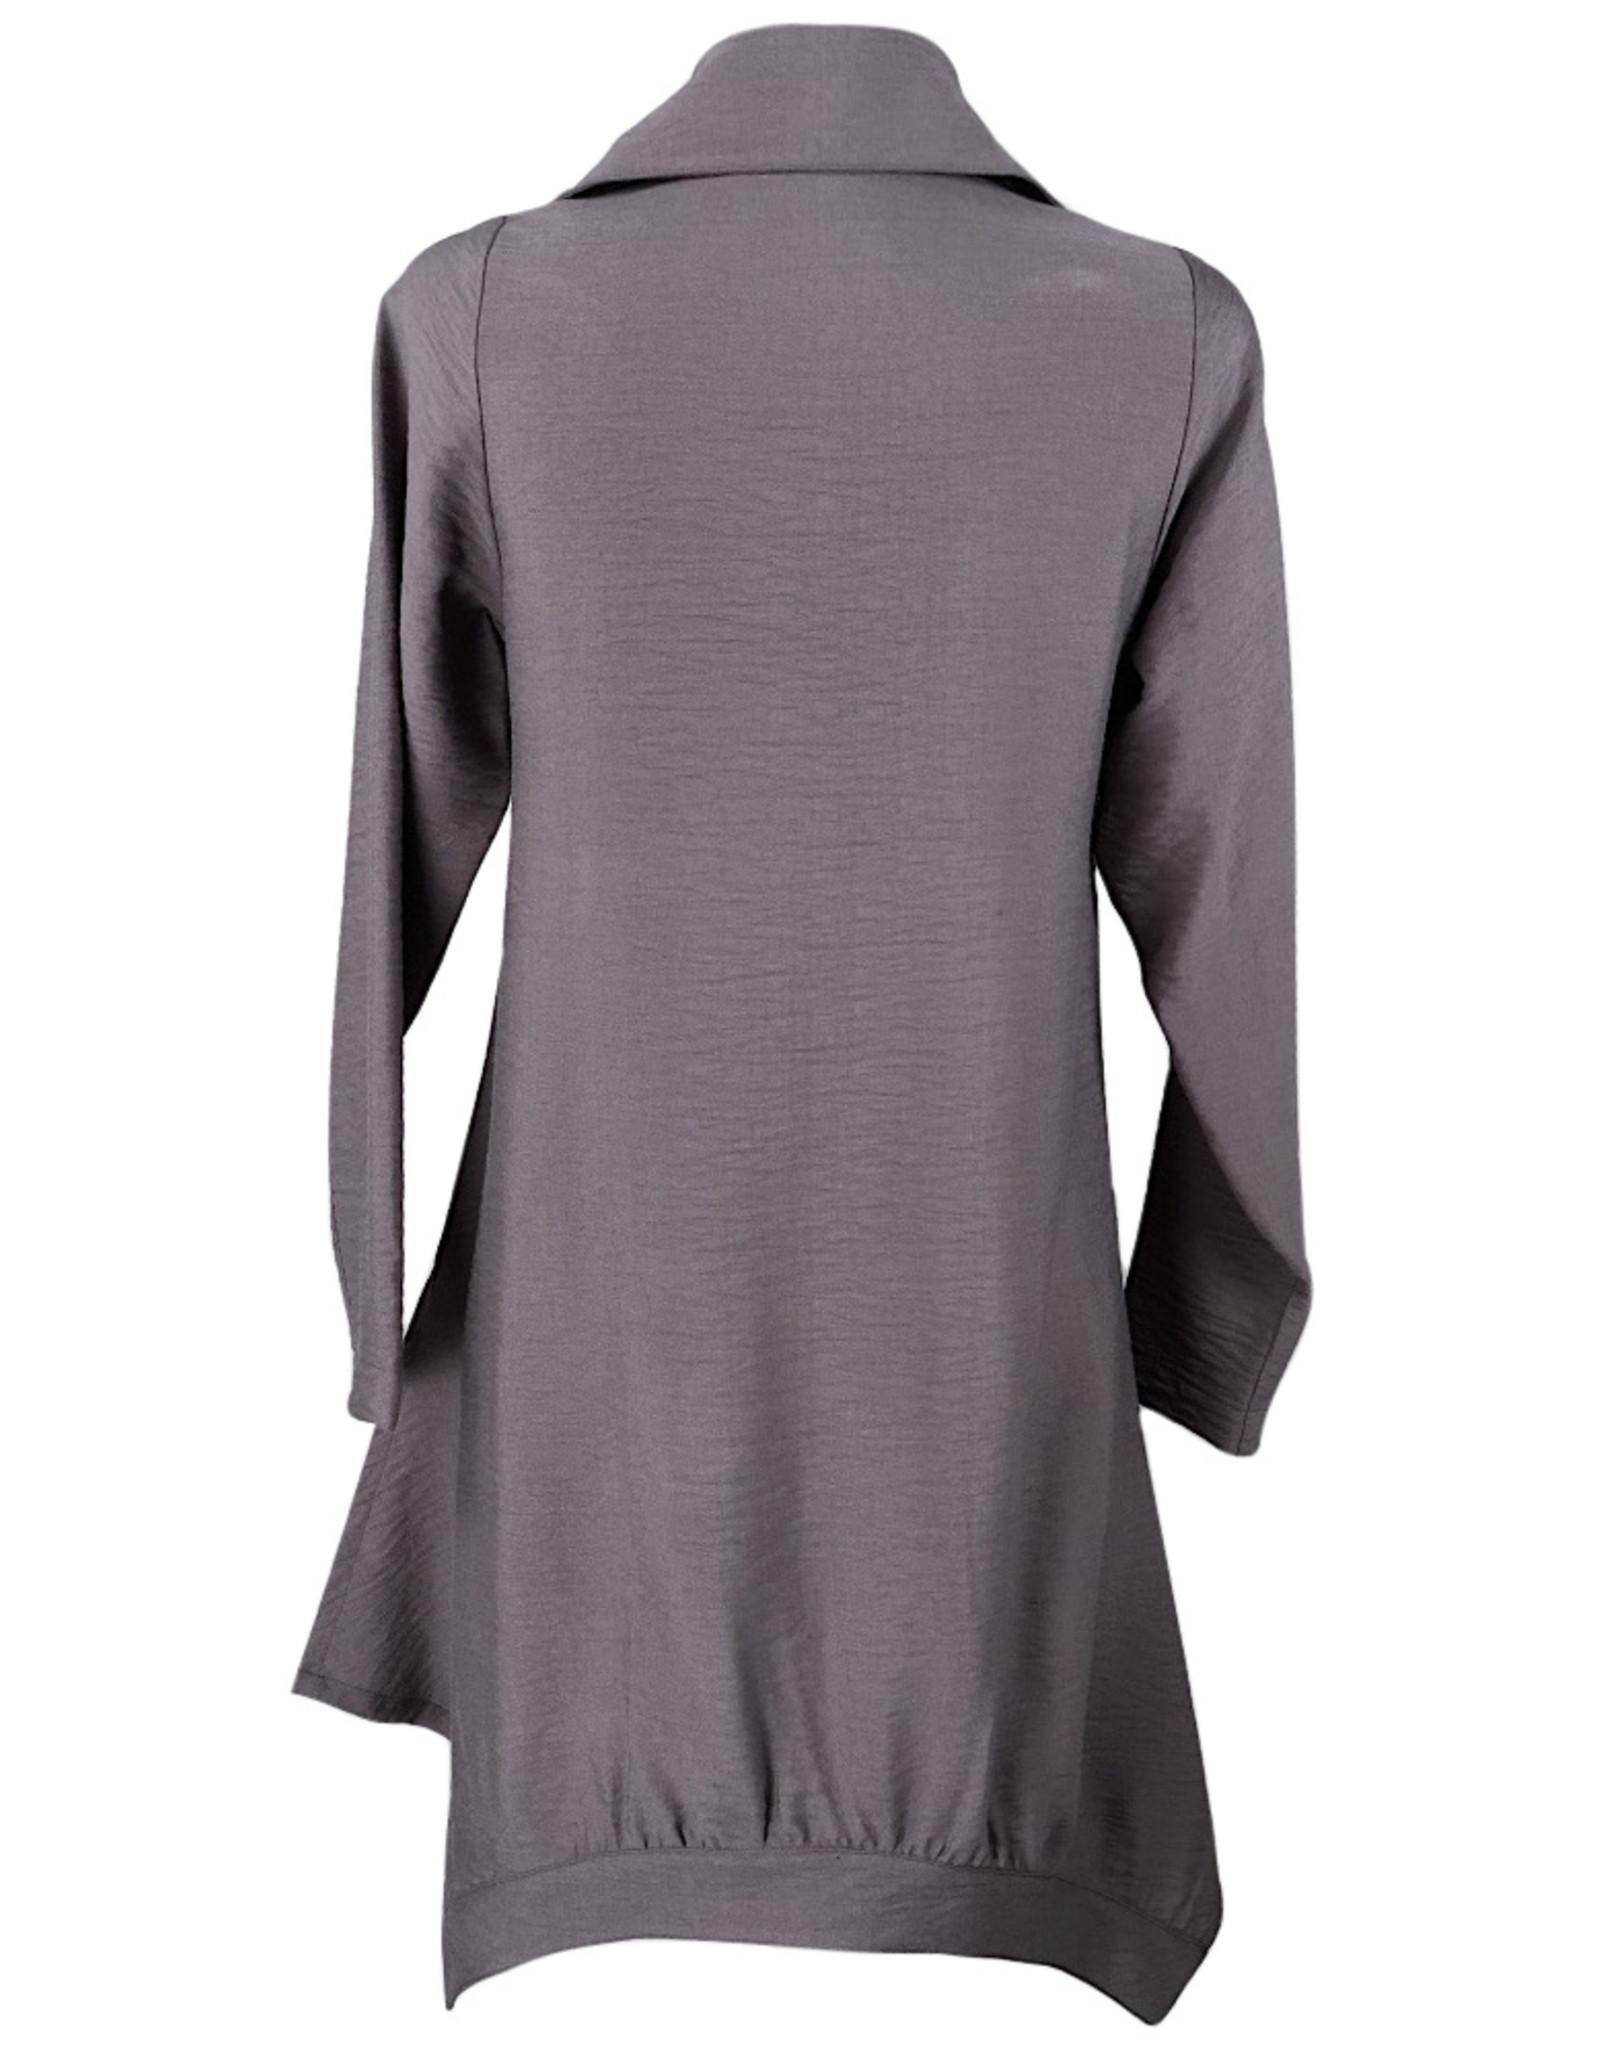 Lousje & Bean L&B-The Shirt in Grey